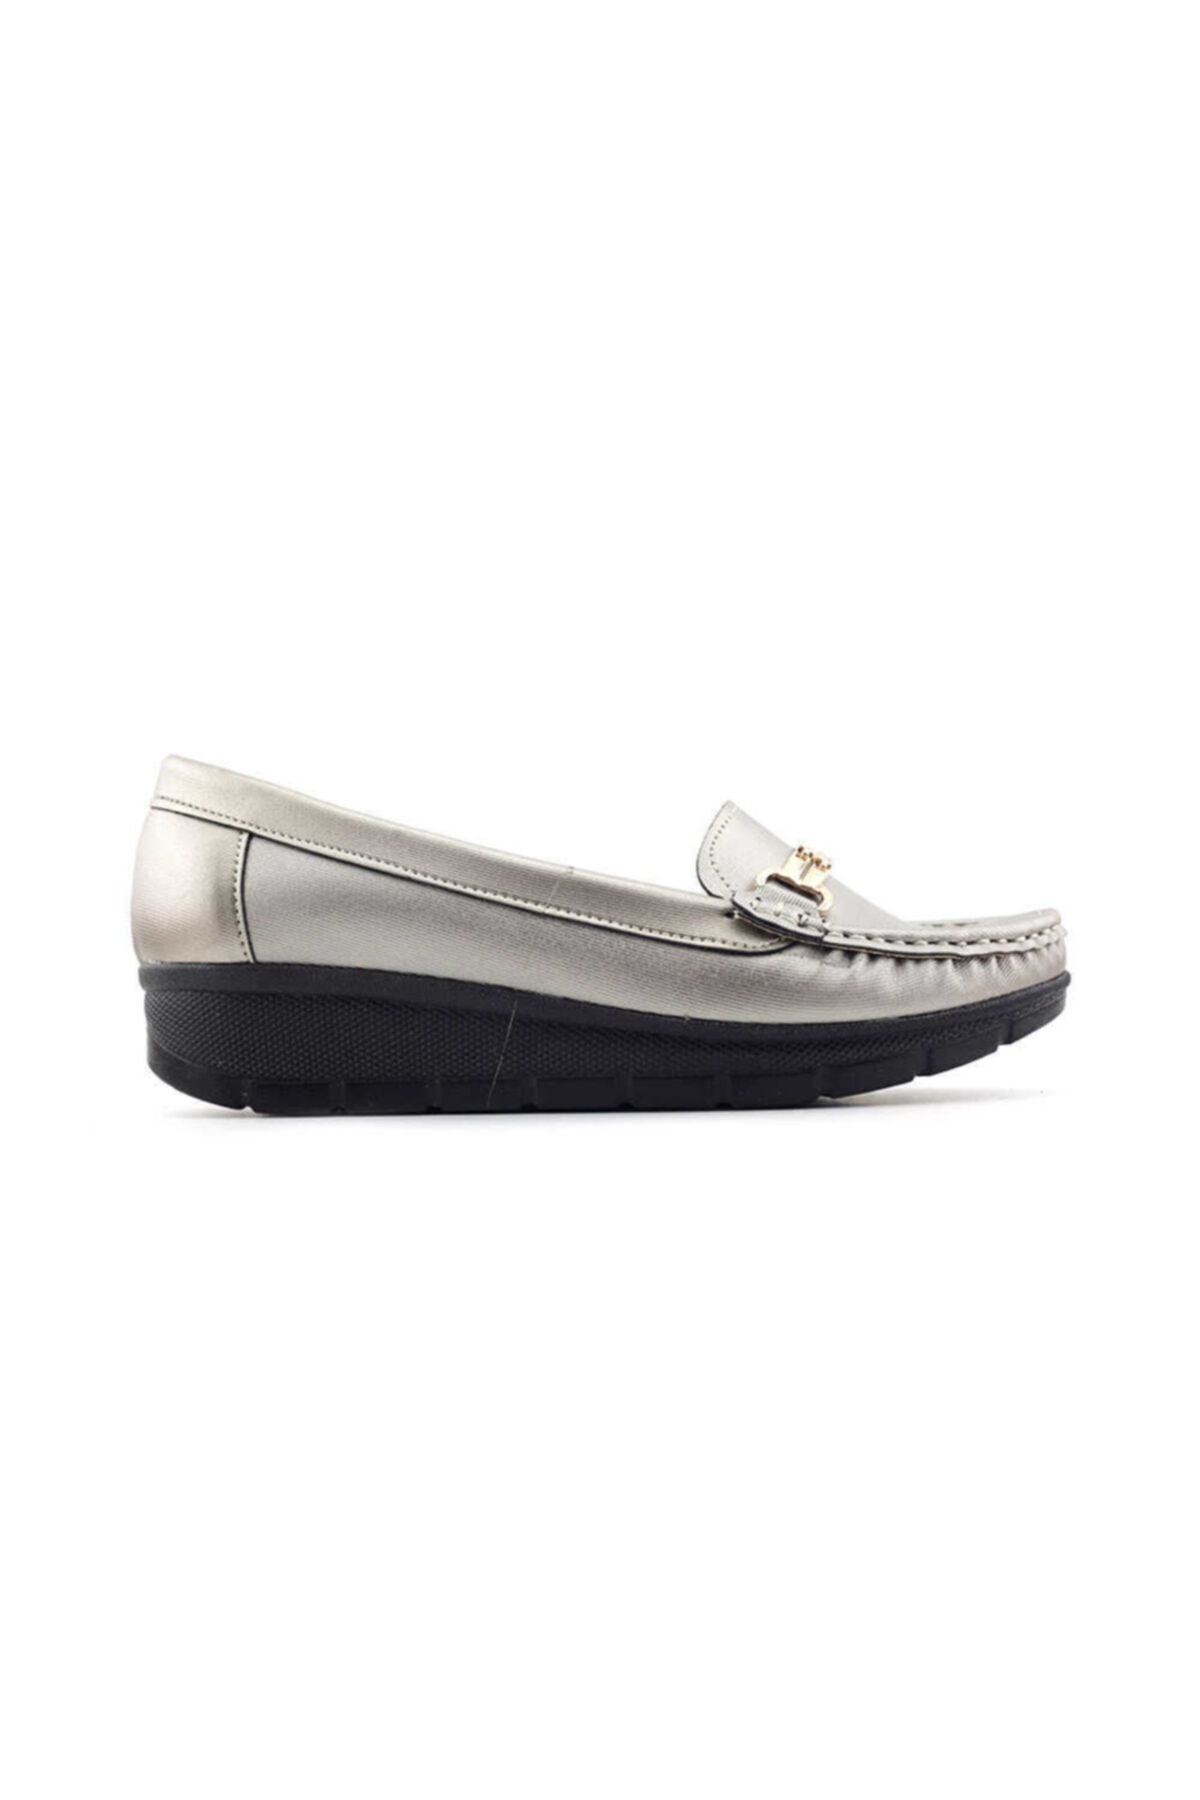 PUNTO 572107 Kadın Günlük Ayakkabı-platin 1